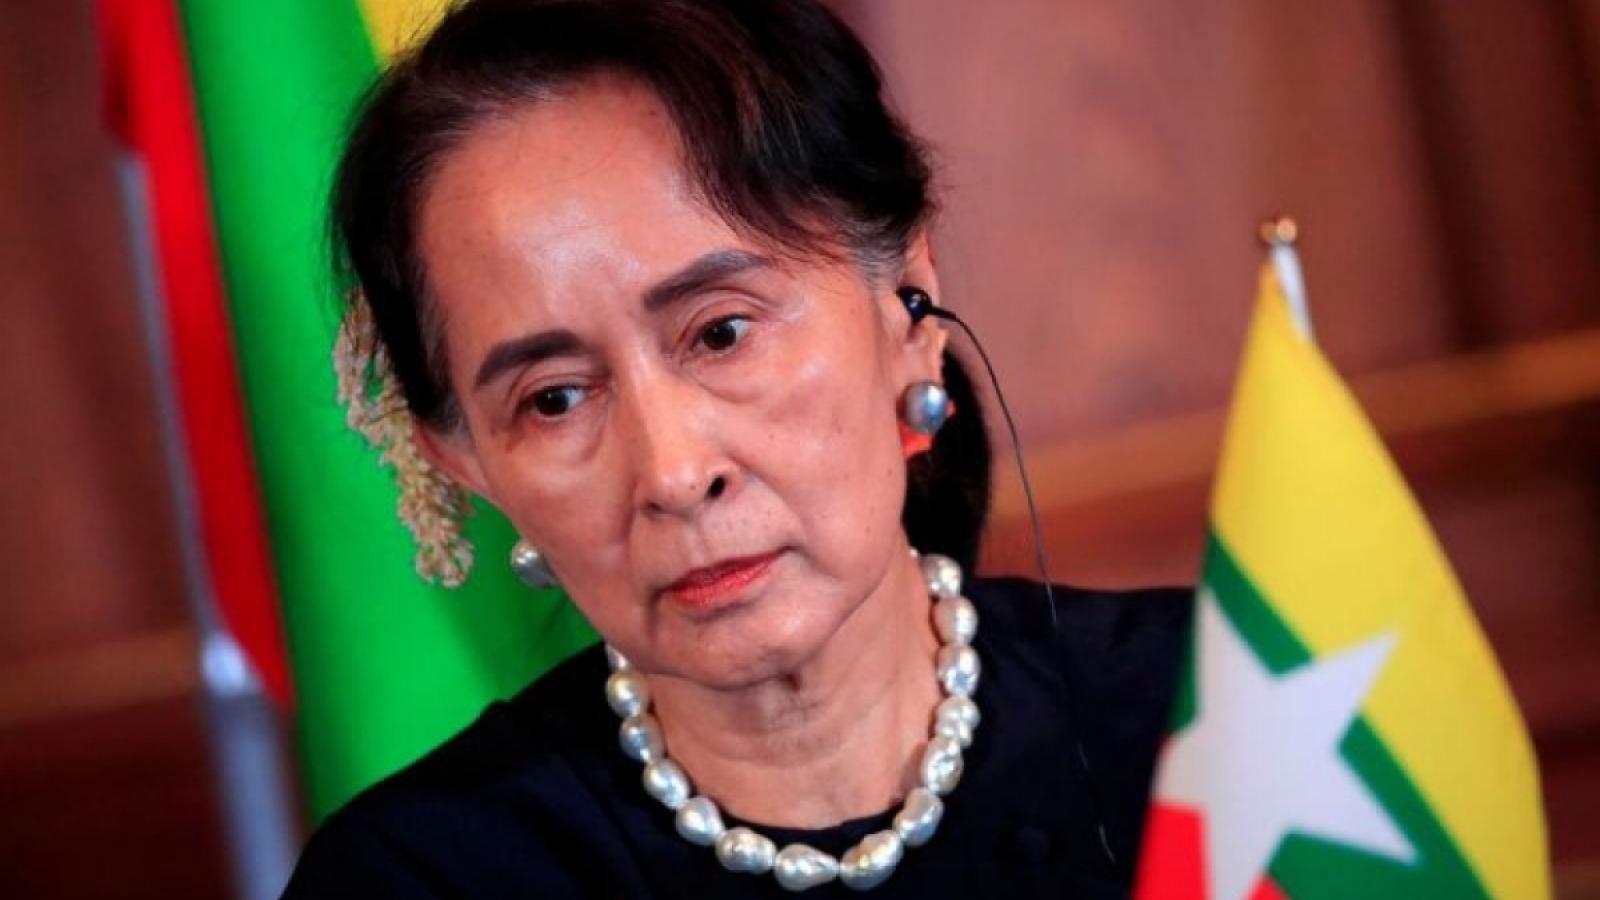 Hội đồng bảo an Liên Hợp Quốc ra tuyên bố về tình hình ở Myanmar